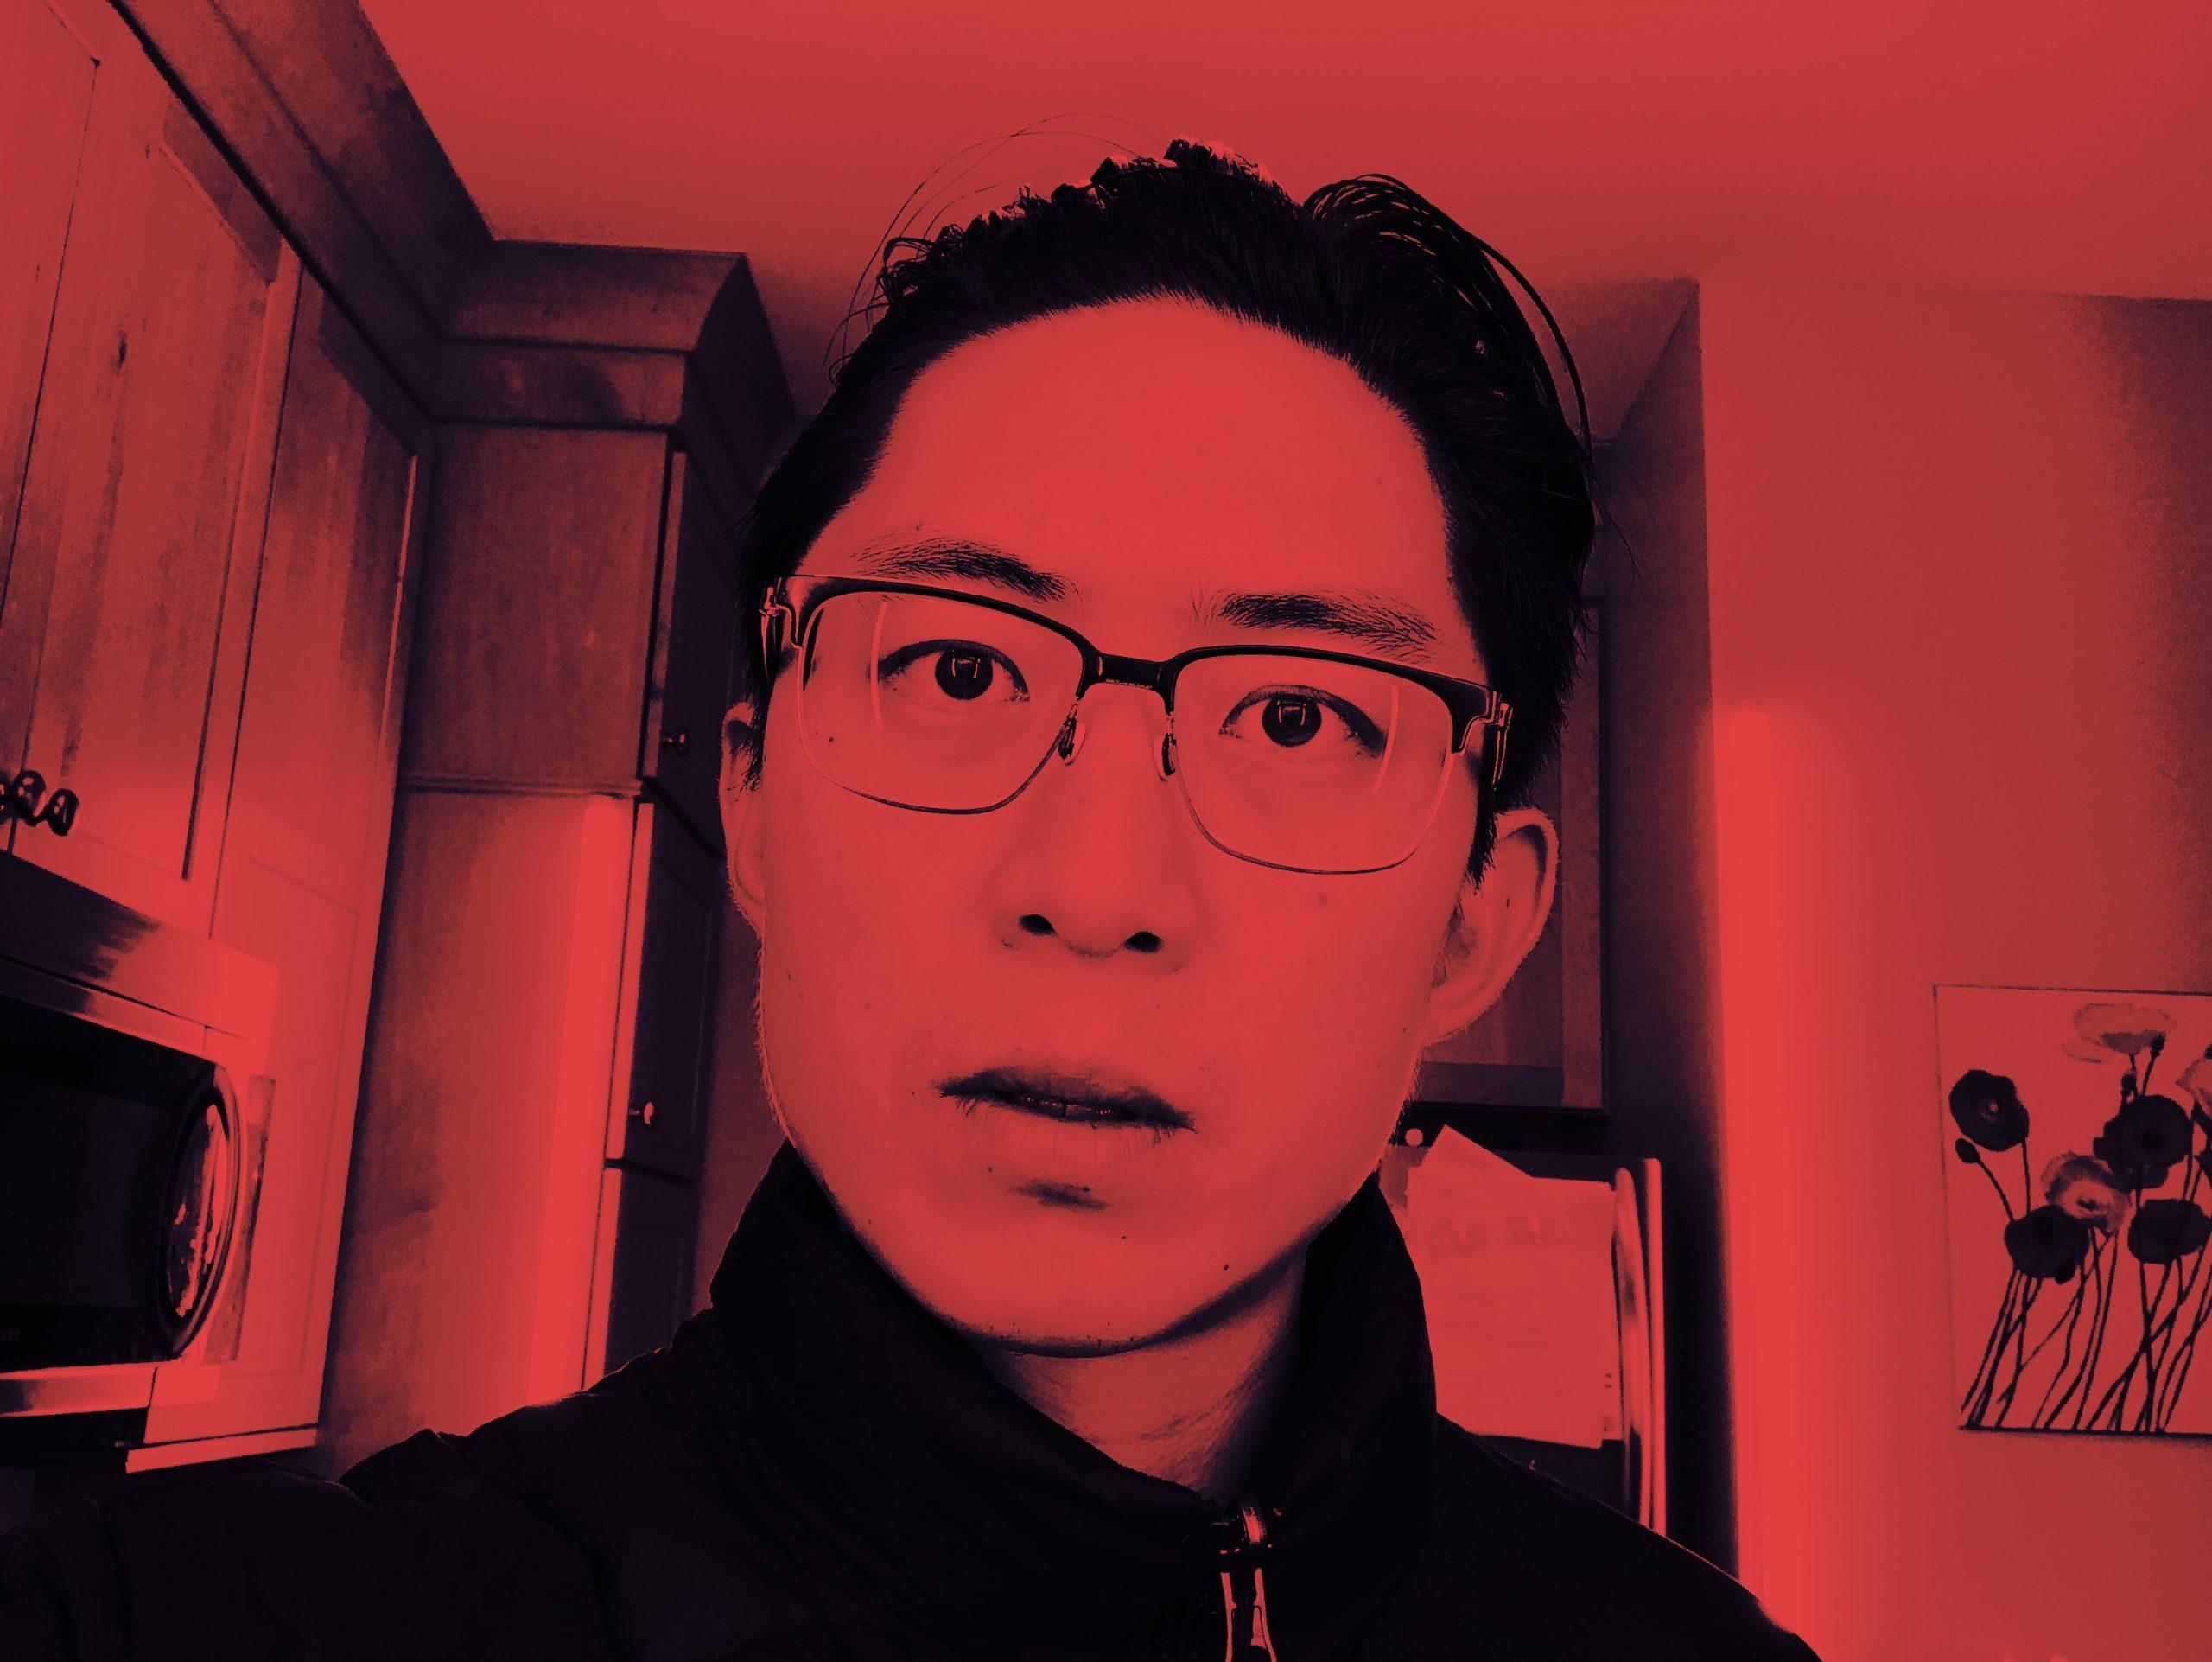 Selfie red ERIC KIM